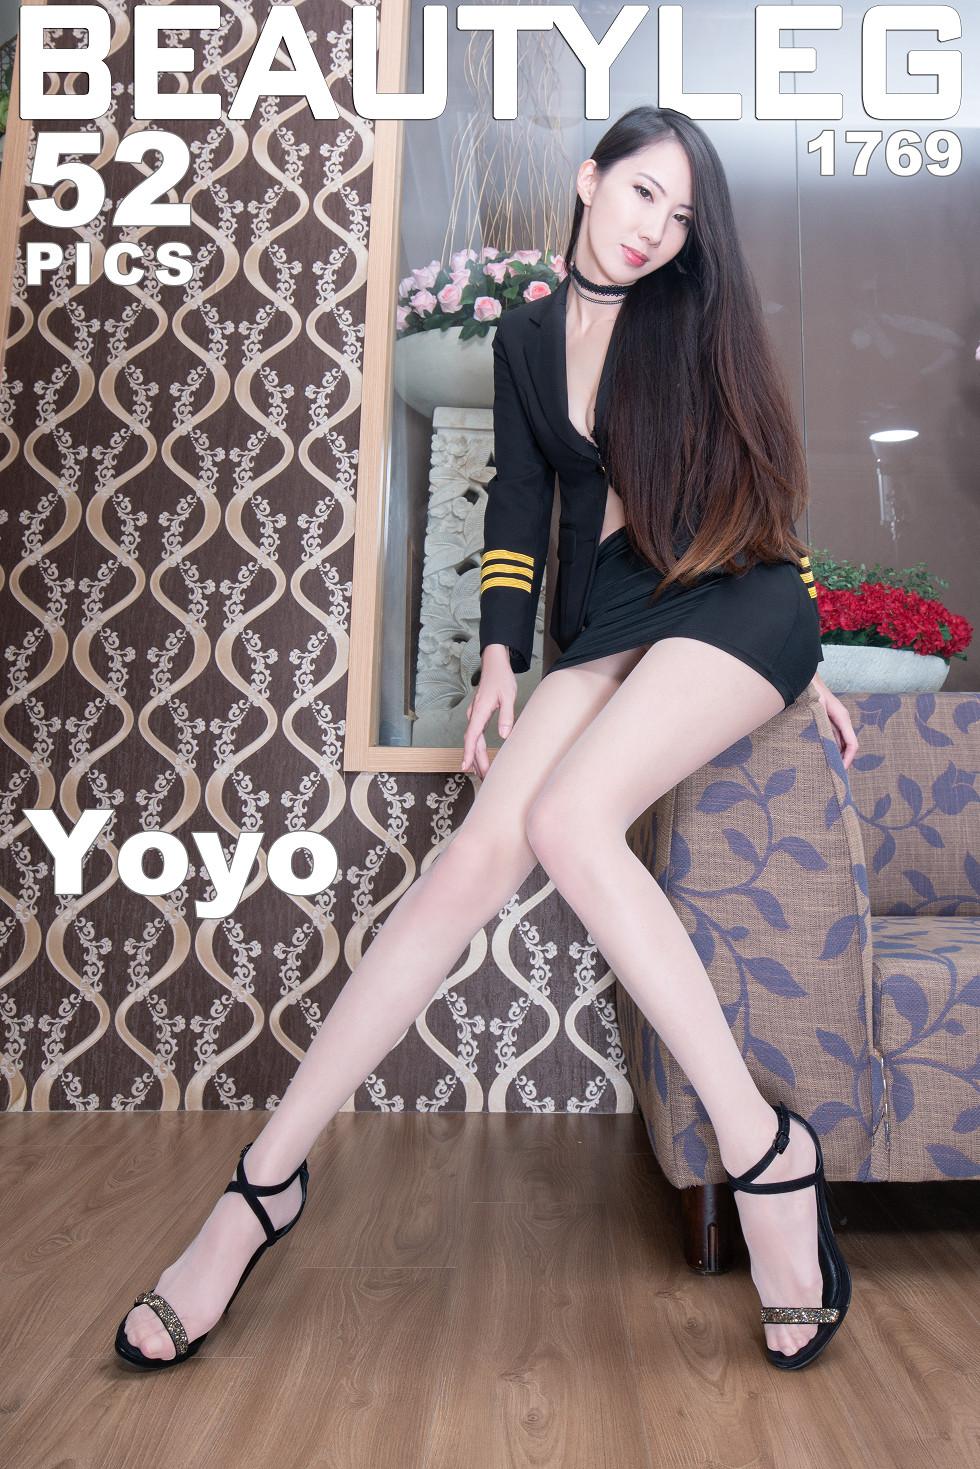 模特Yoyo妹子私房性感白色内衣配白丝袜秀迷人美腿诱惑无圣光写真46P